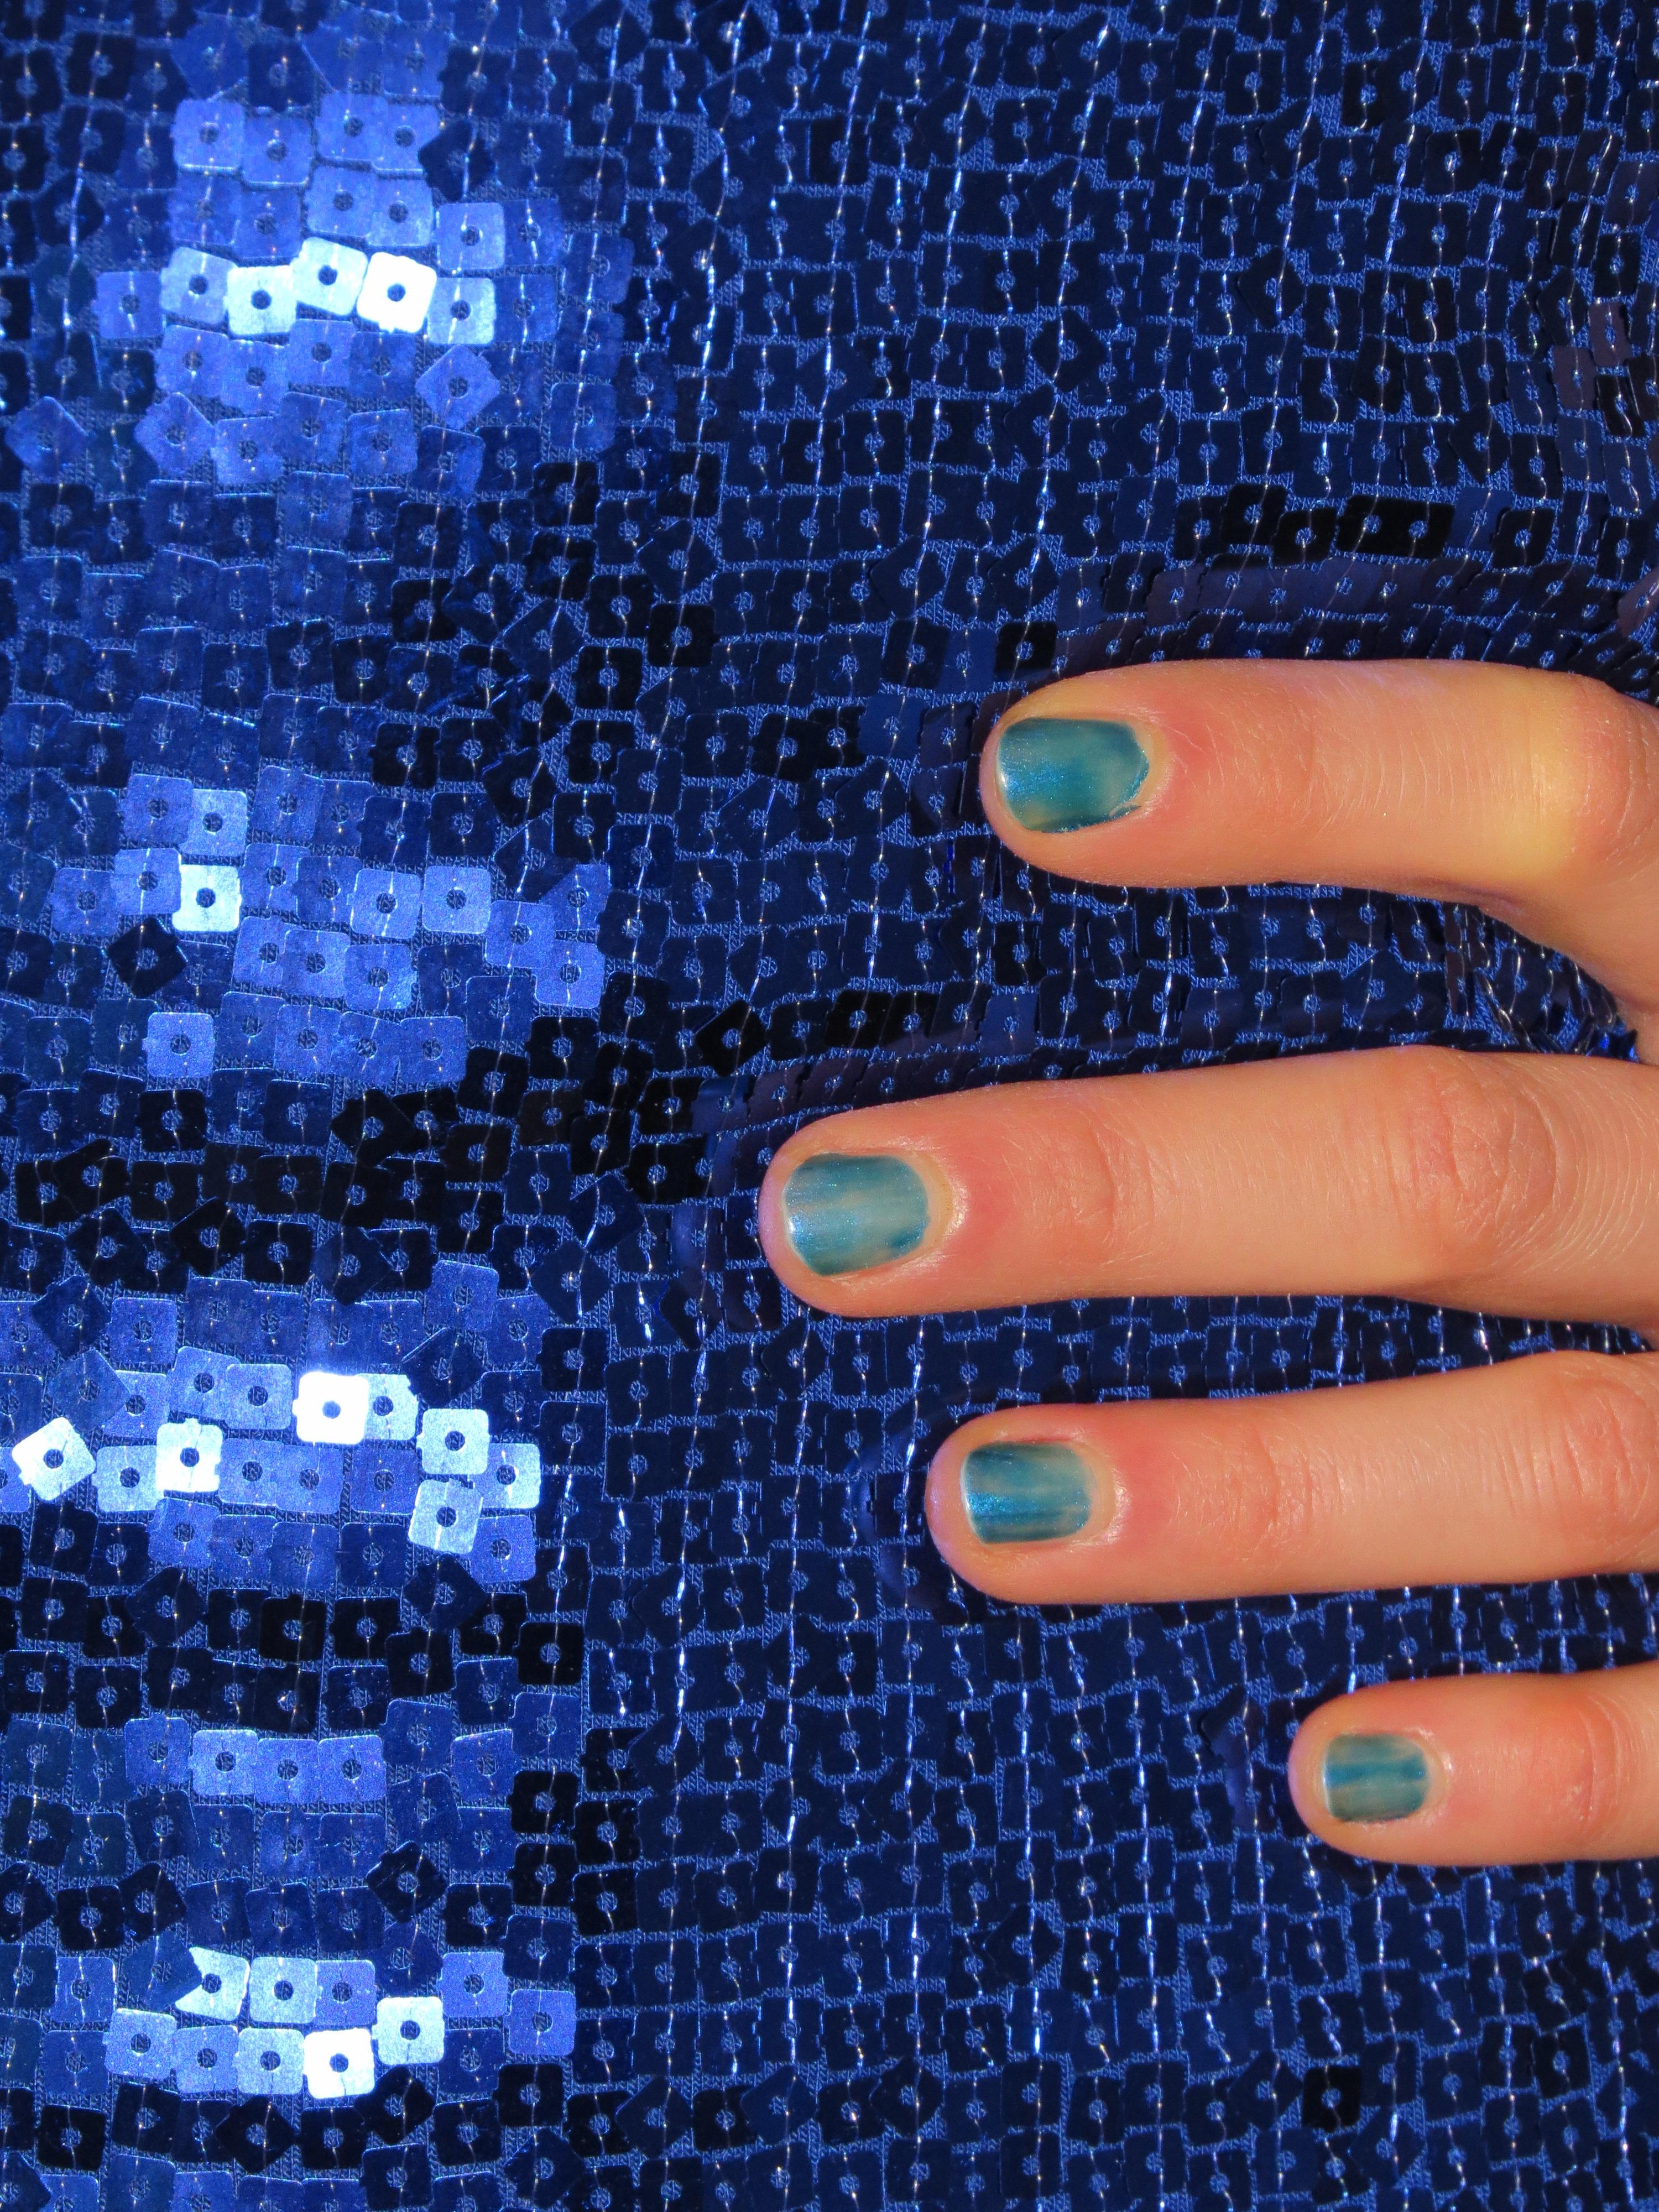 Fotos gratis : mano, patrón, dedo, Moda, azul, ropa, uña, brillar ...